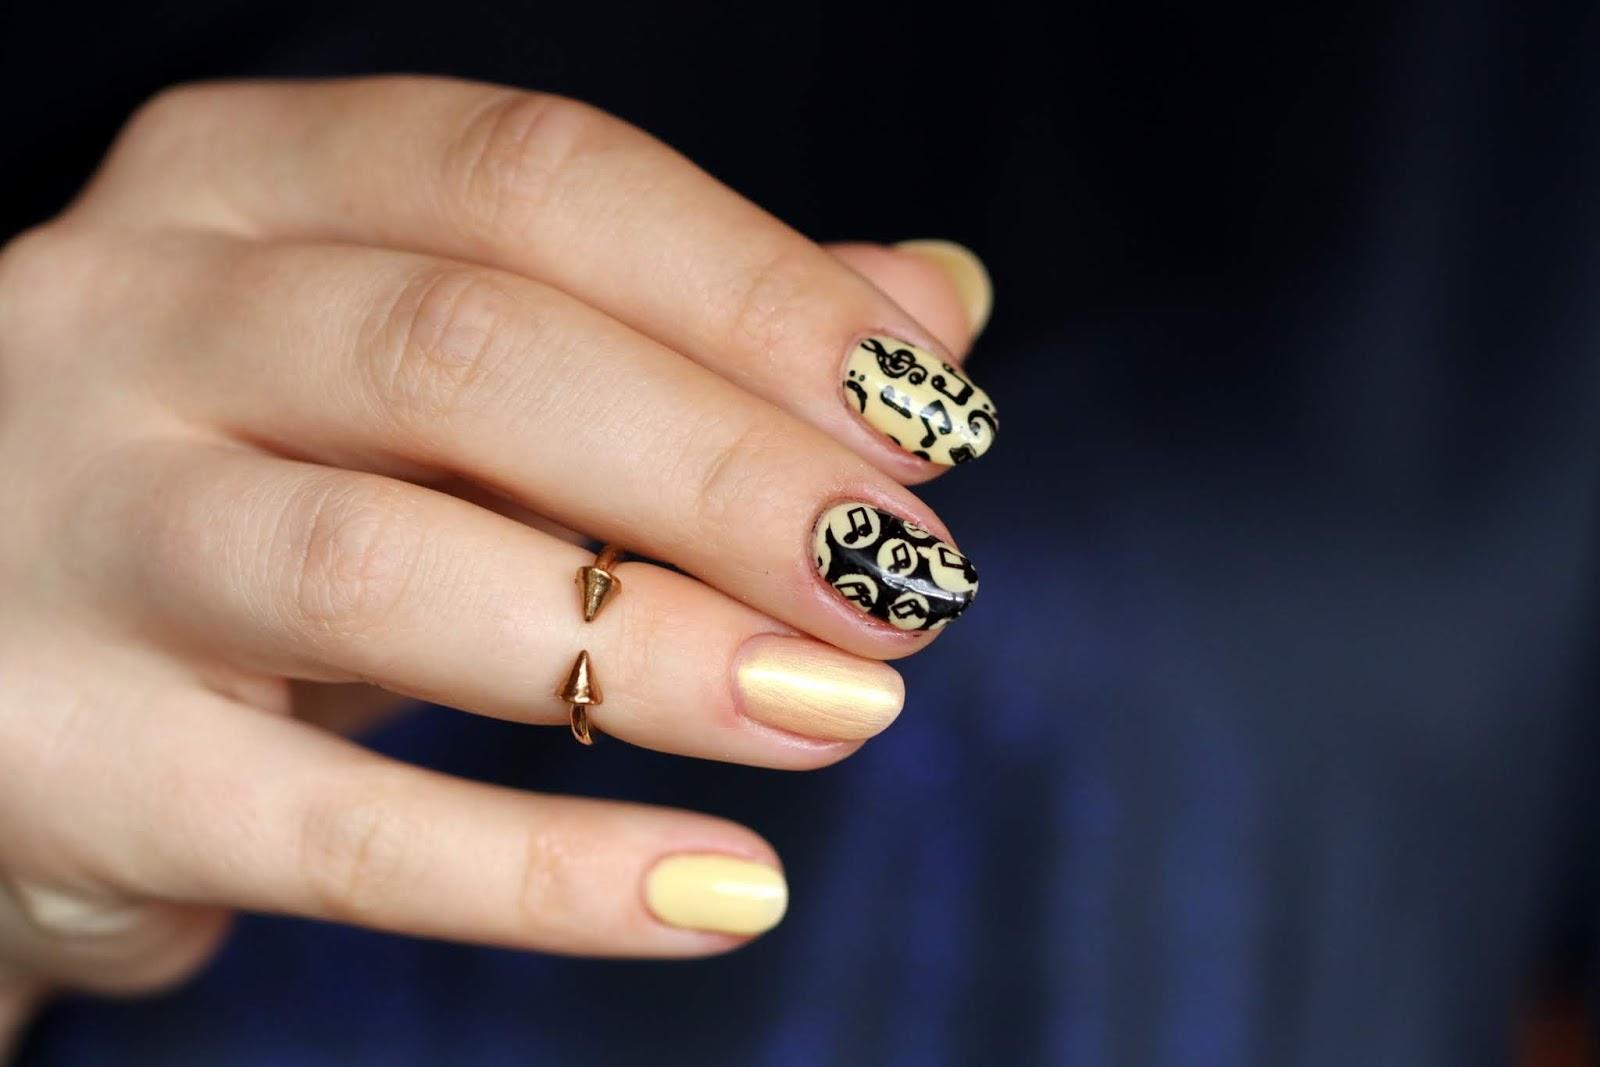 Zolto Muzycznie Elisium Manicure Hybrydowy Iliz Beauty